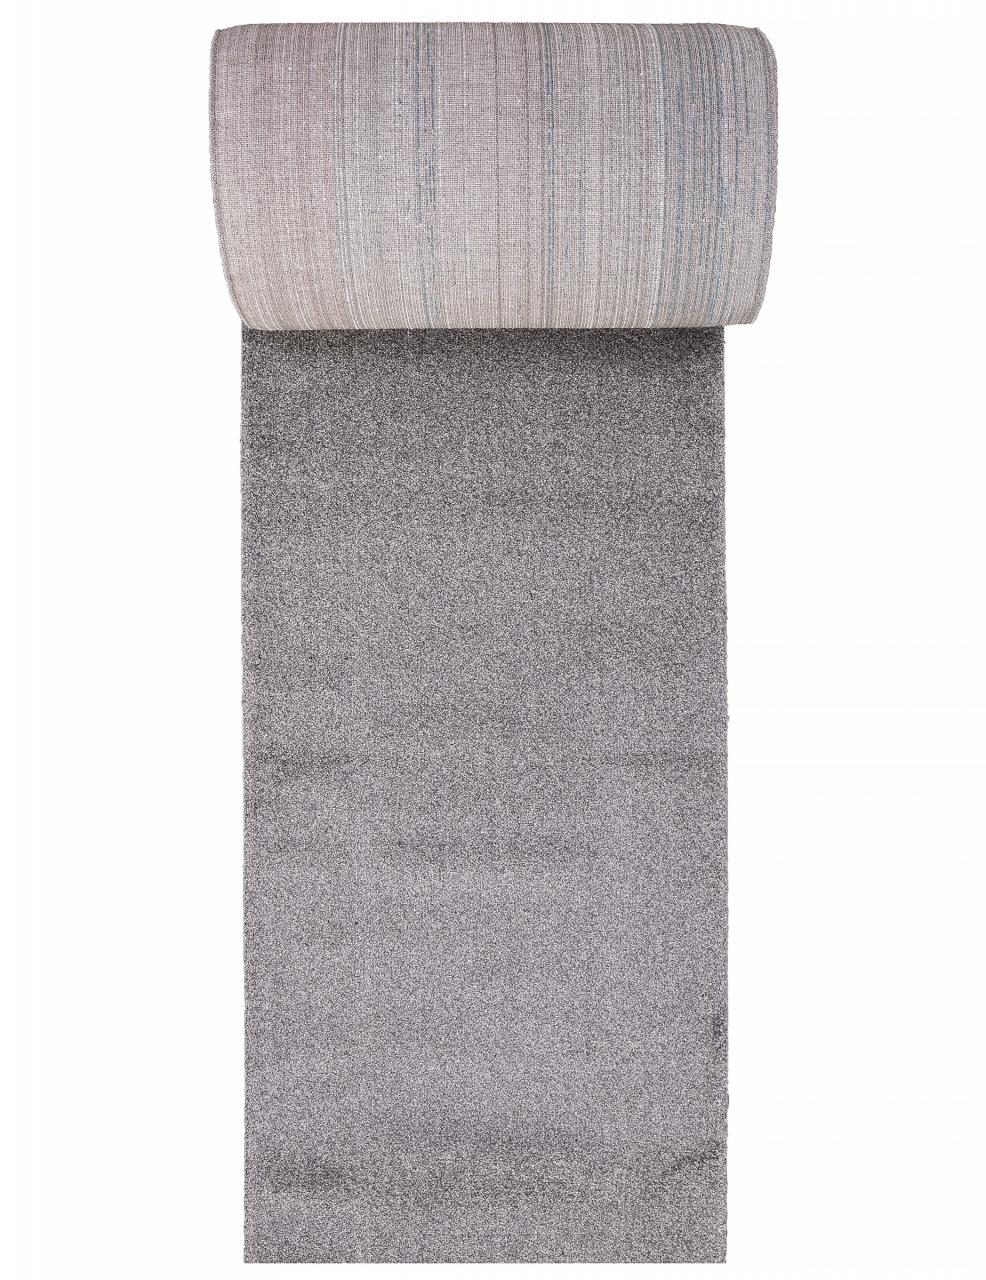 Ковровая дорожка t600 - GRAY - коллекция PLATINUM - фото 1